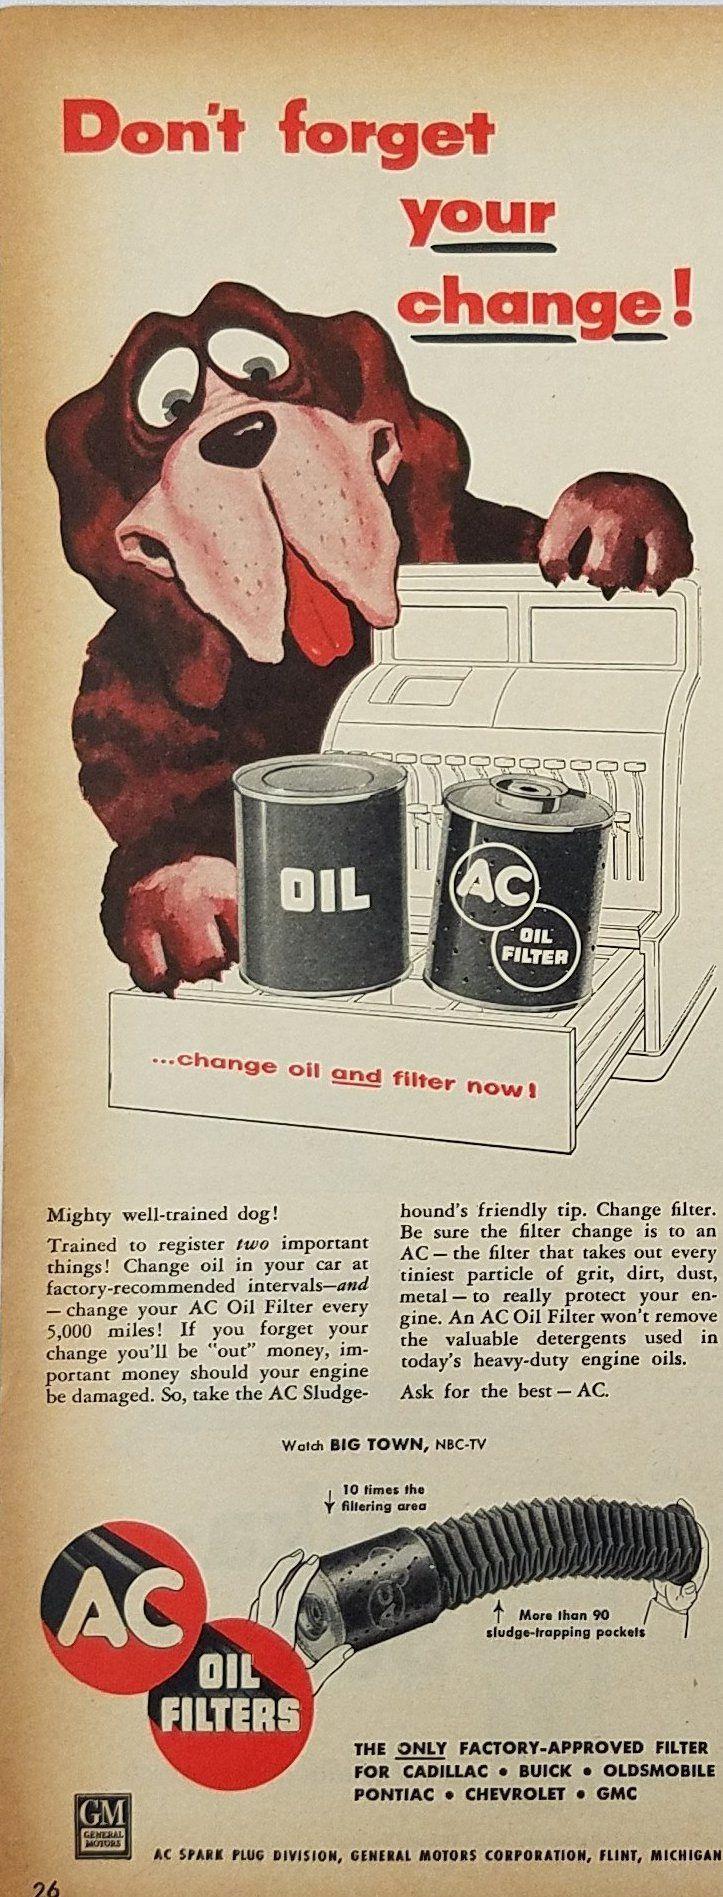 1955 AC Oil Filter Vintage Ad - Dog Next To Cash Register